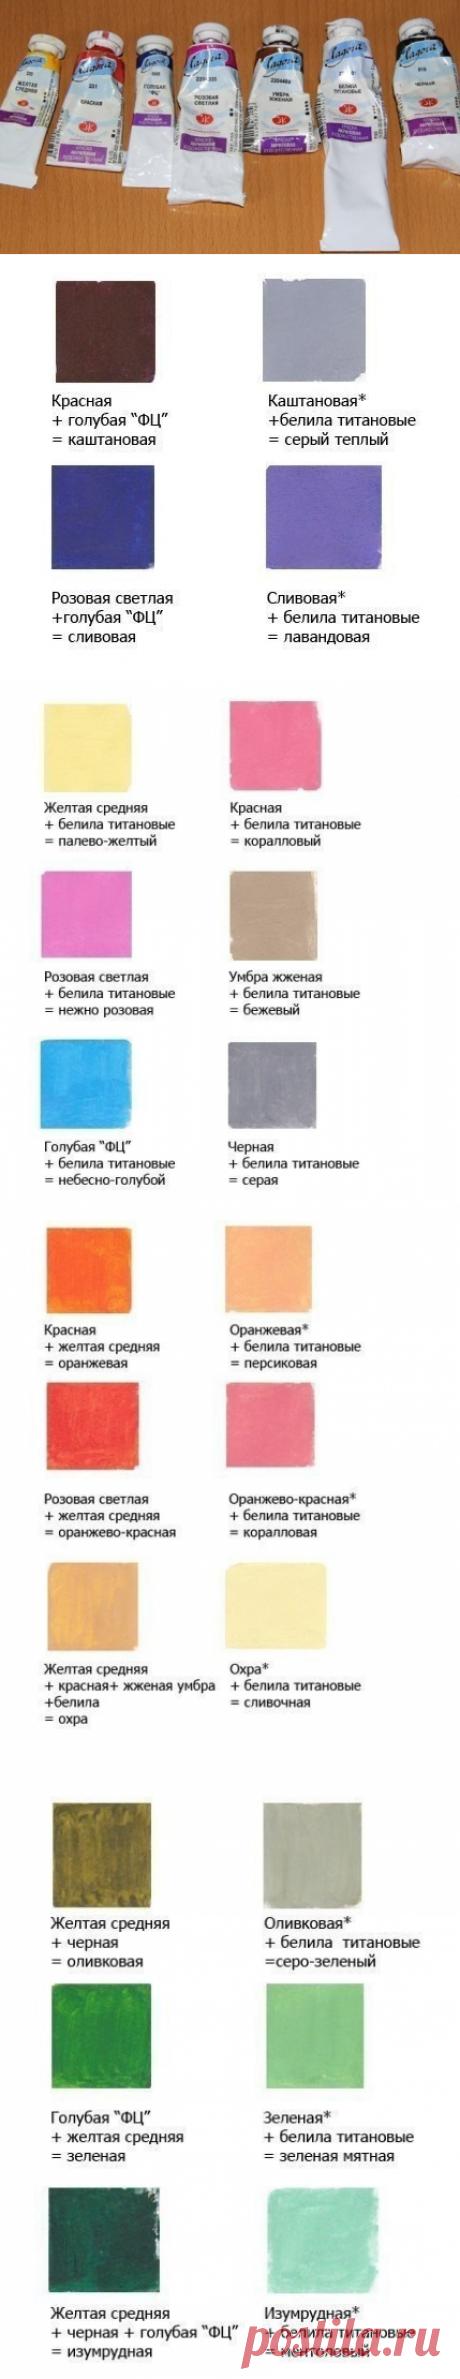 Как правильно смешать акриловые краски для получения нужного оттенка